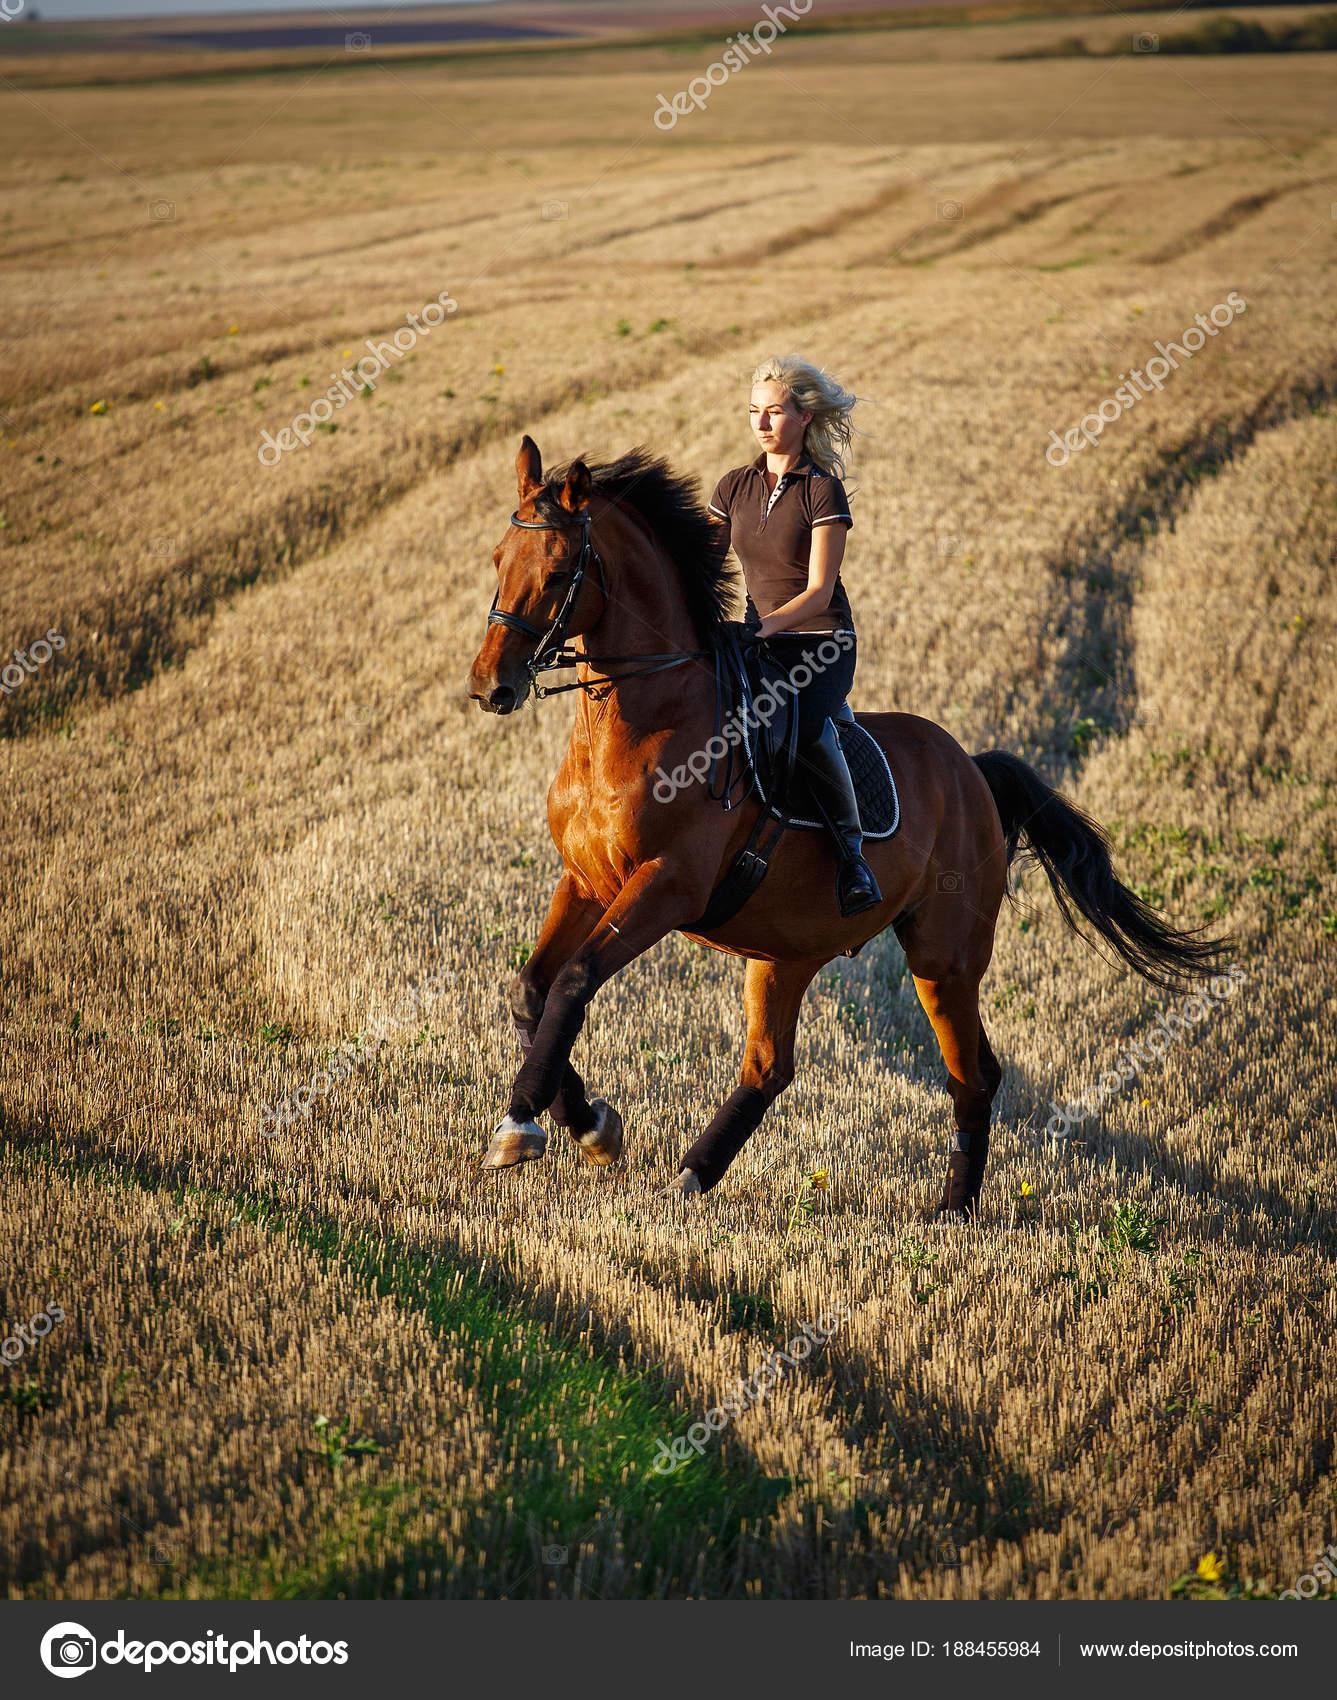 Obraz Konia Z Rider W Konkurencjach Jeździeckich Sportowych